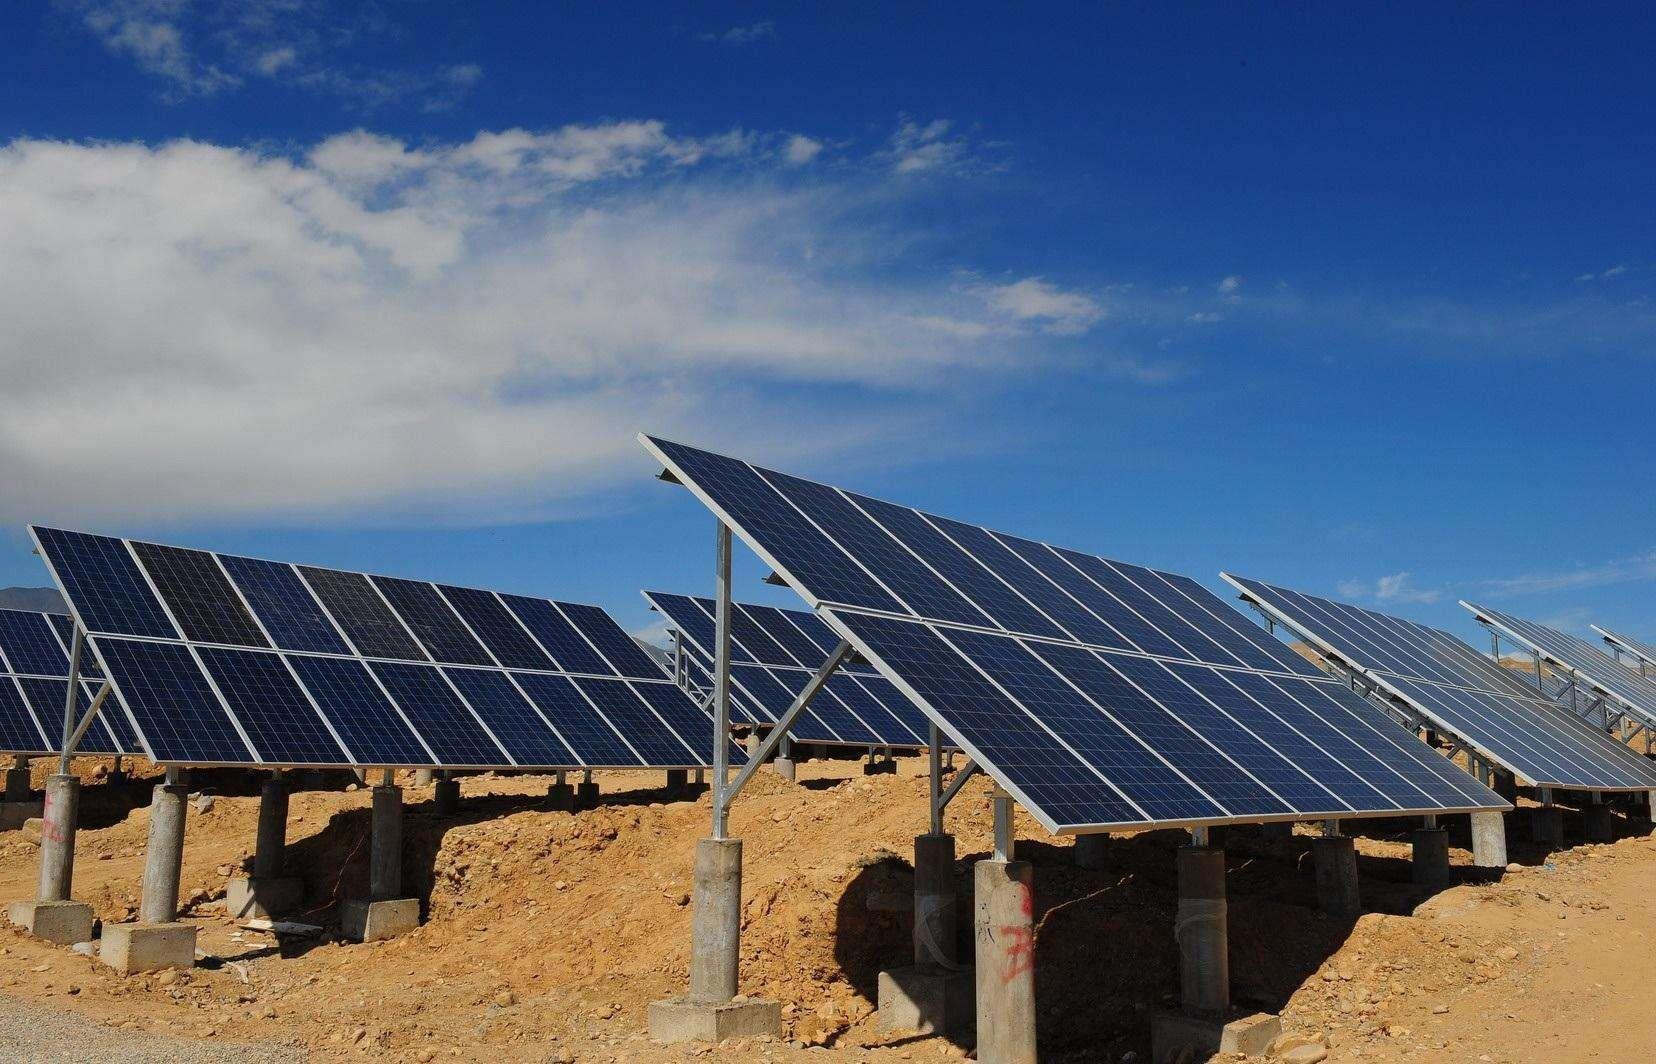 我国推进无电地区电网建设 能源扶贫成效显著